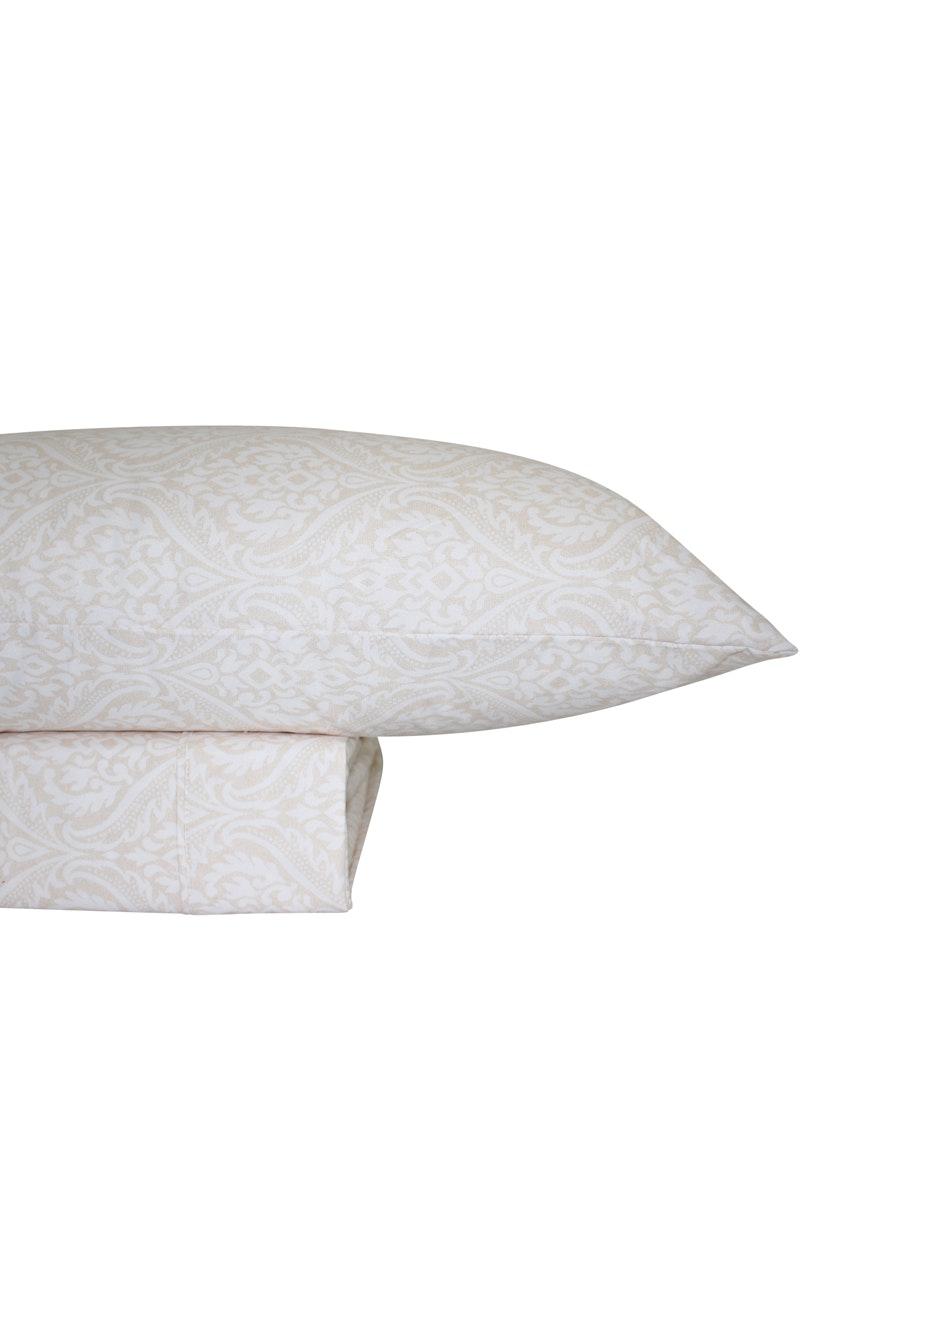 Thermal Flannel Sheet Sets - Haven Design - Sand - King Bed